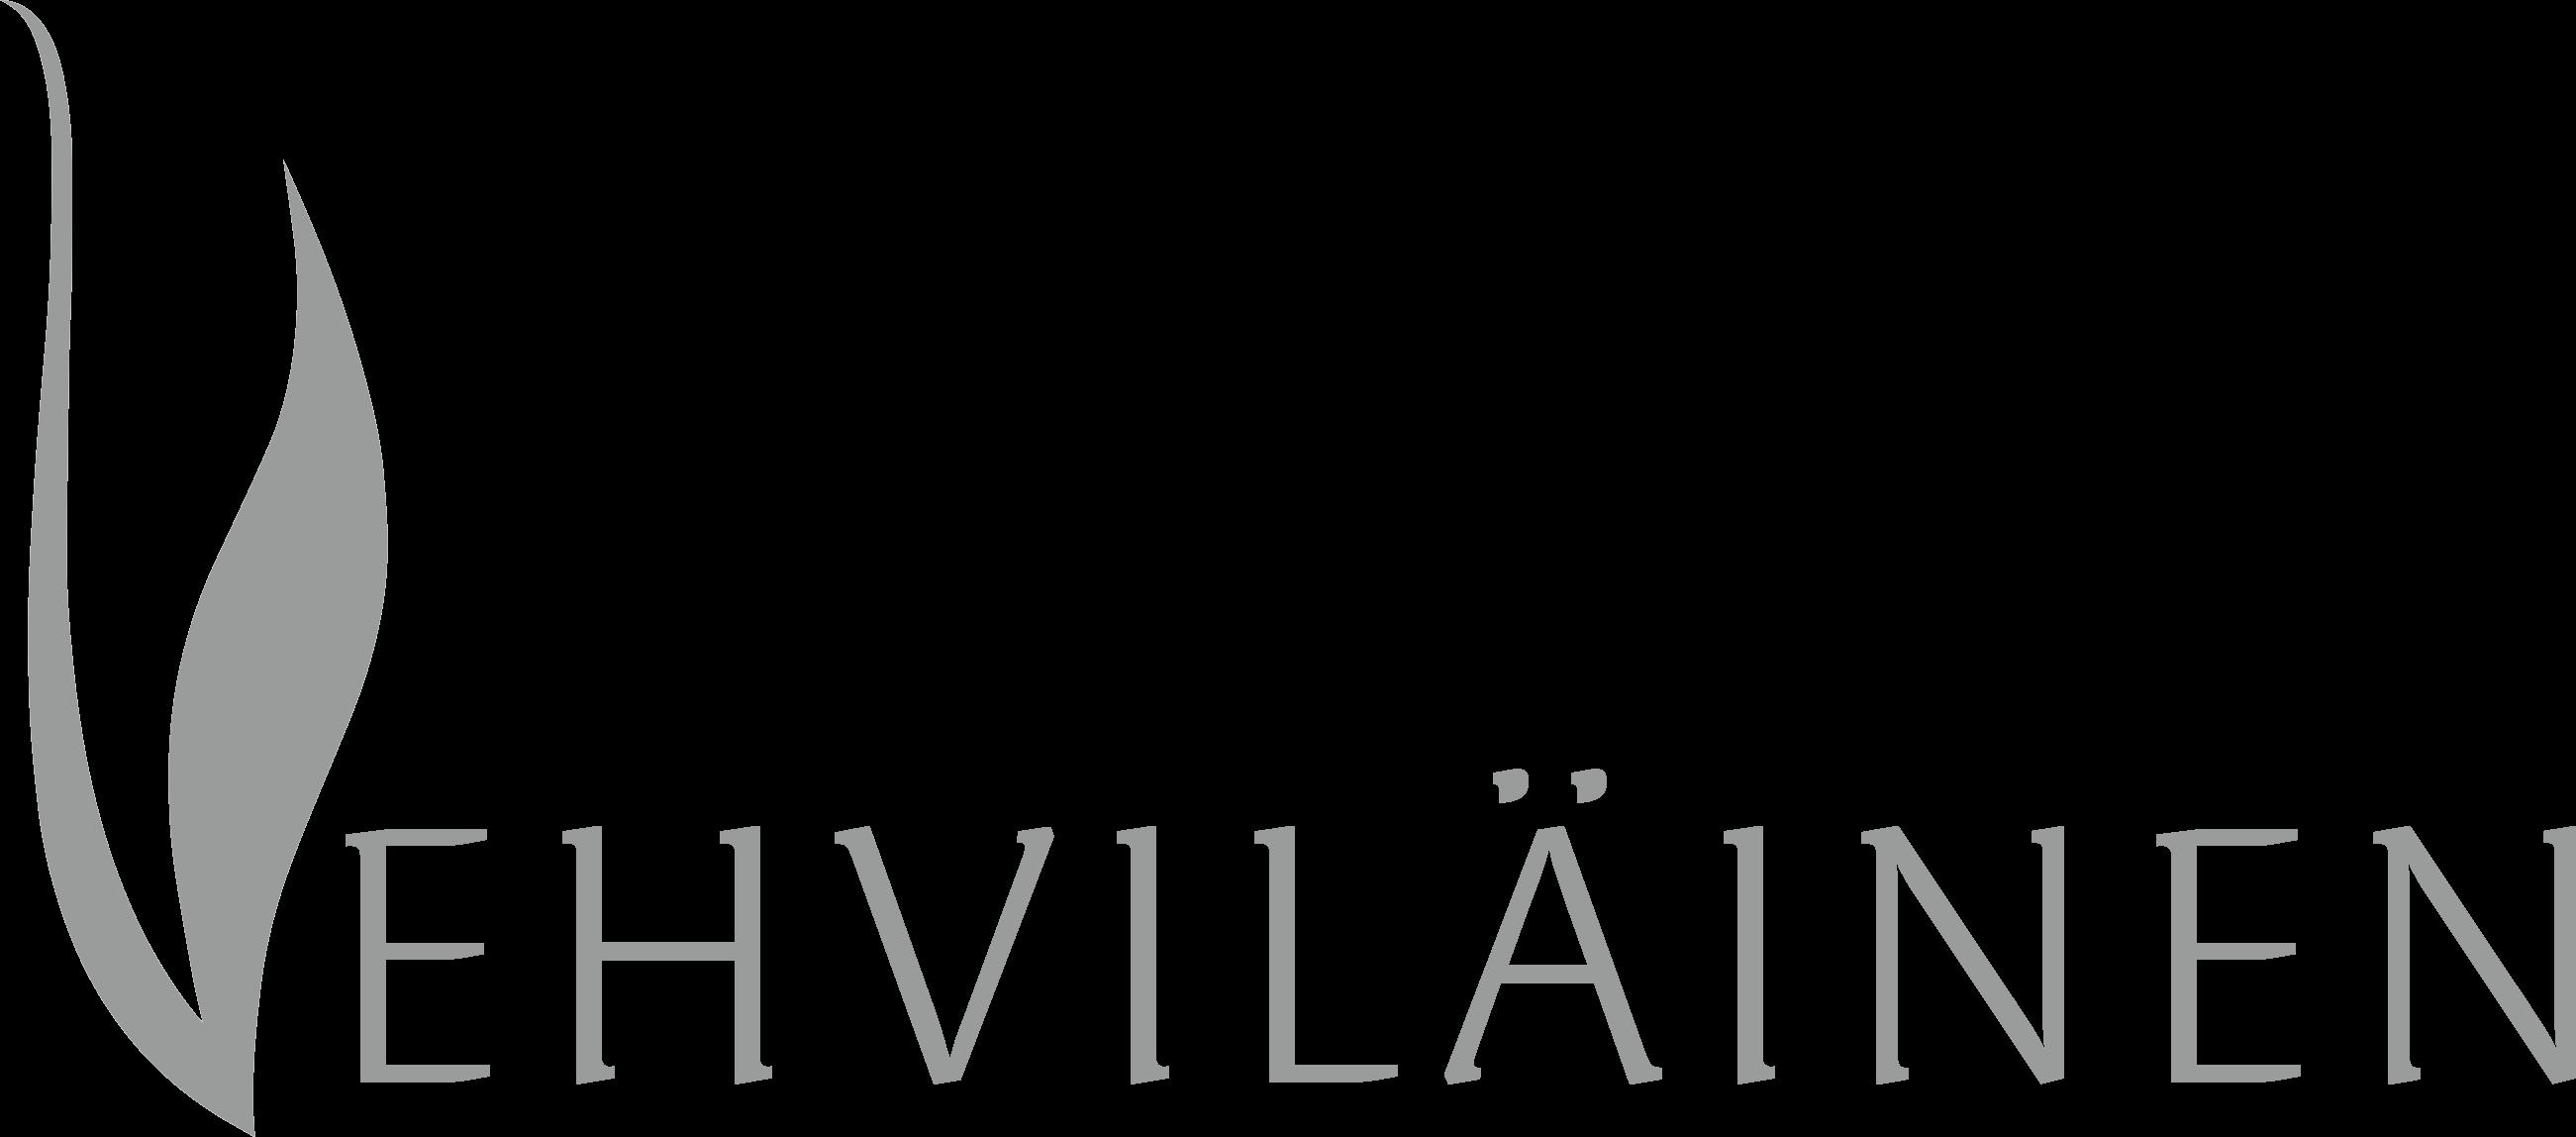 vehvilainen_logo-trans